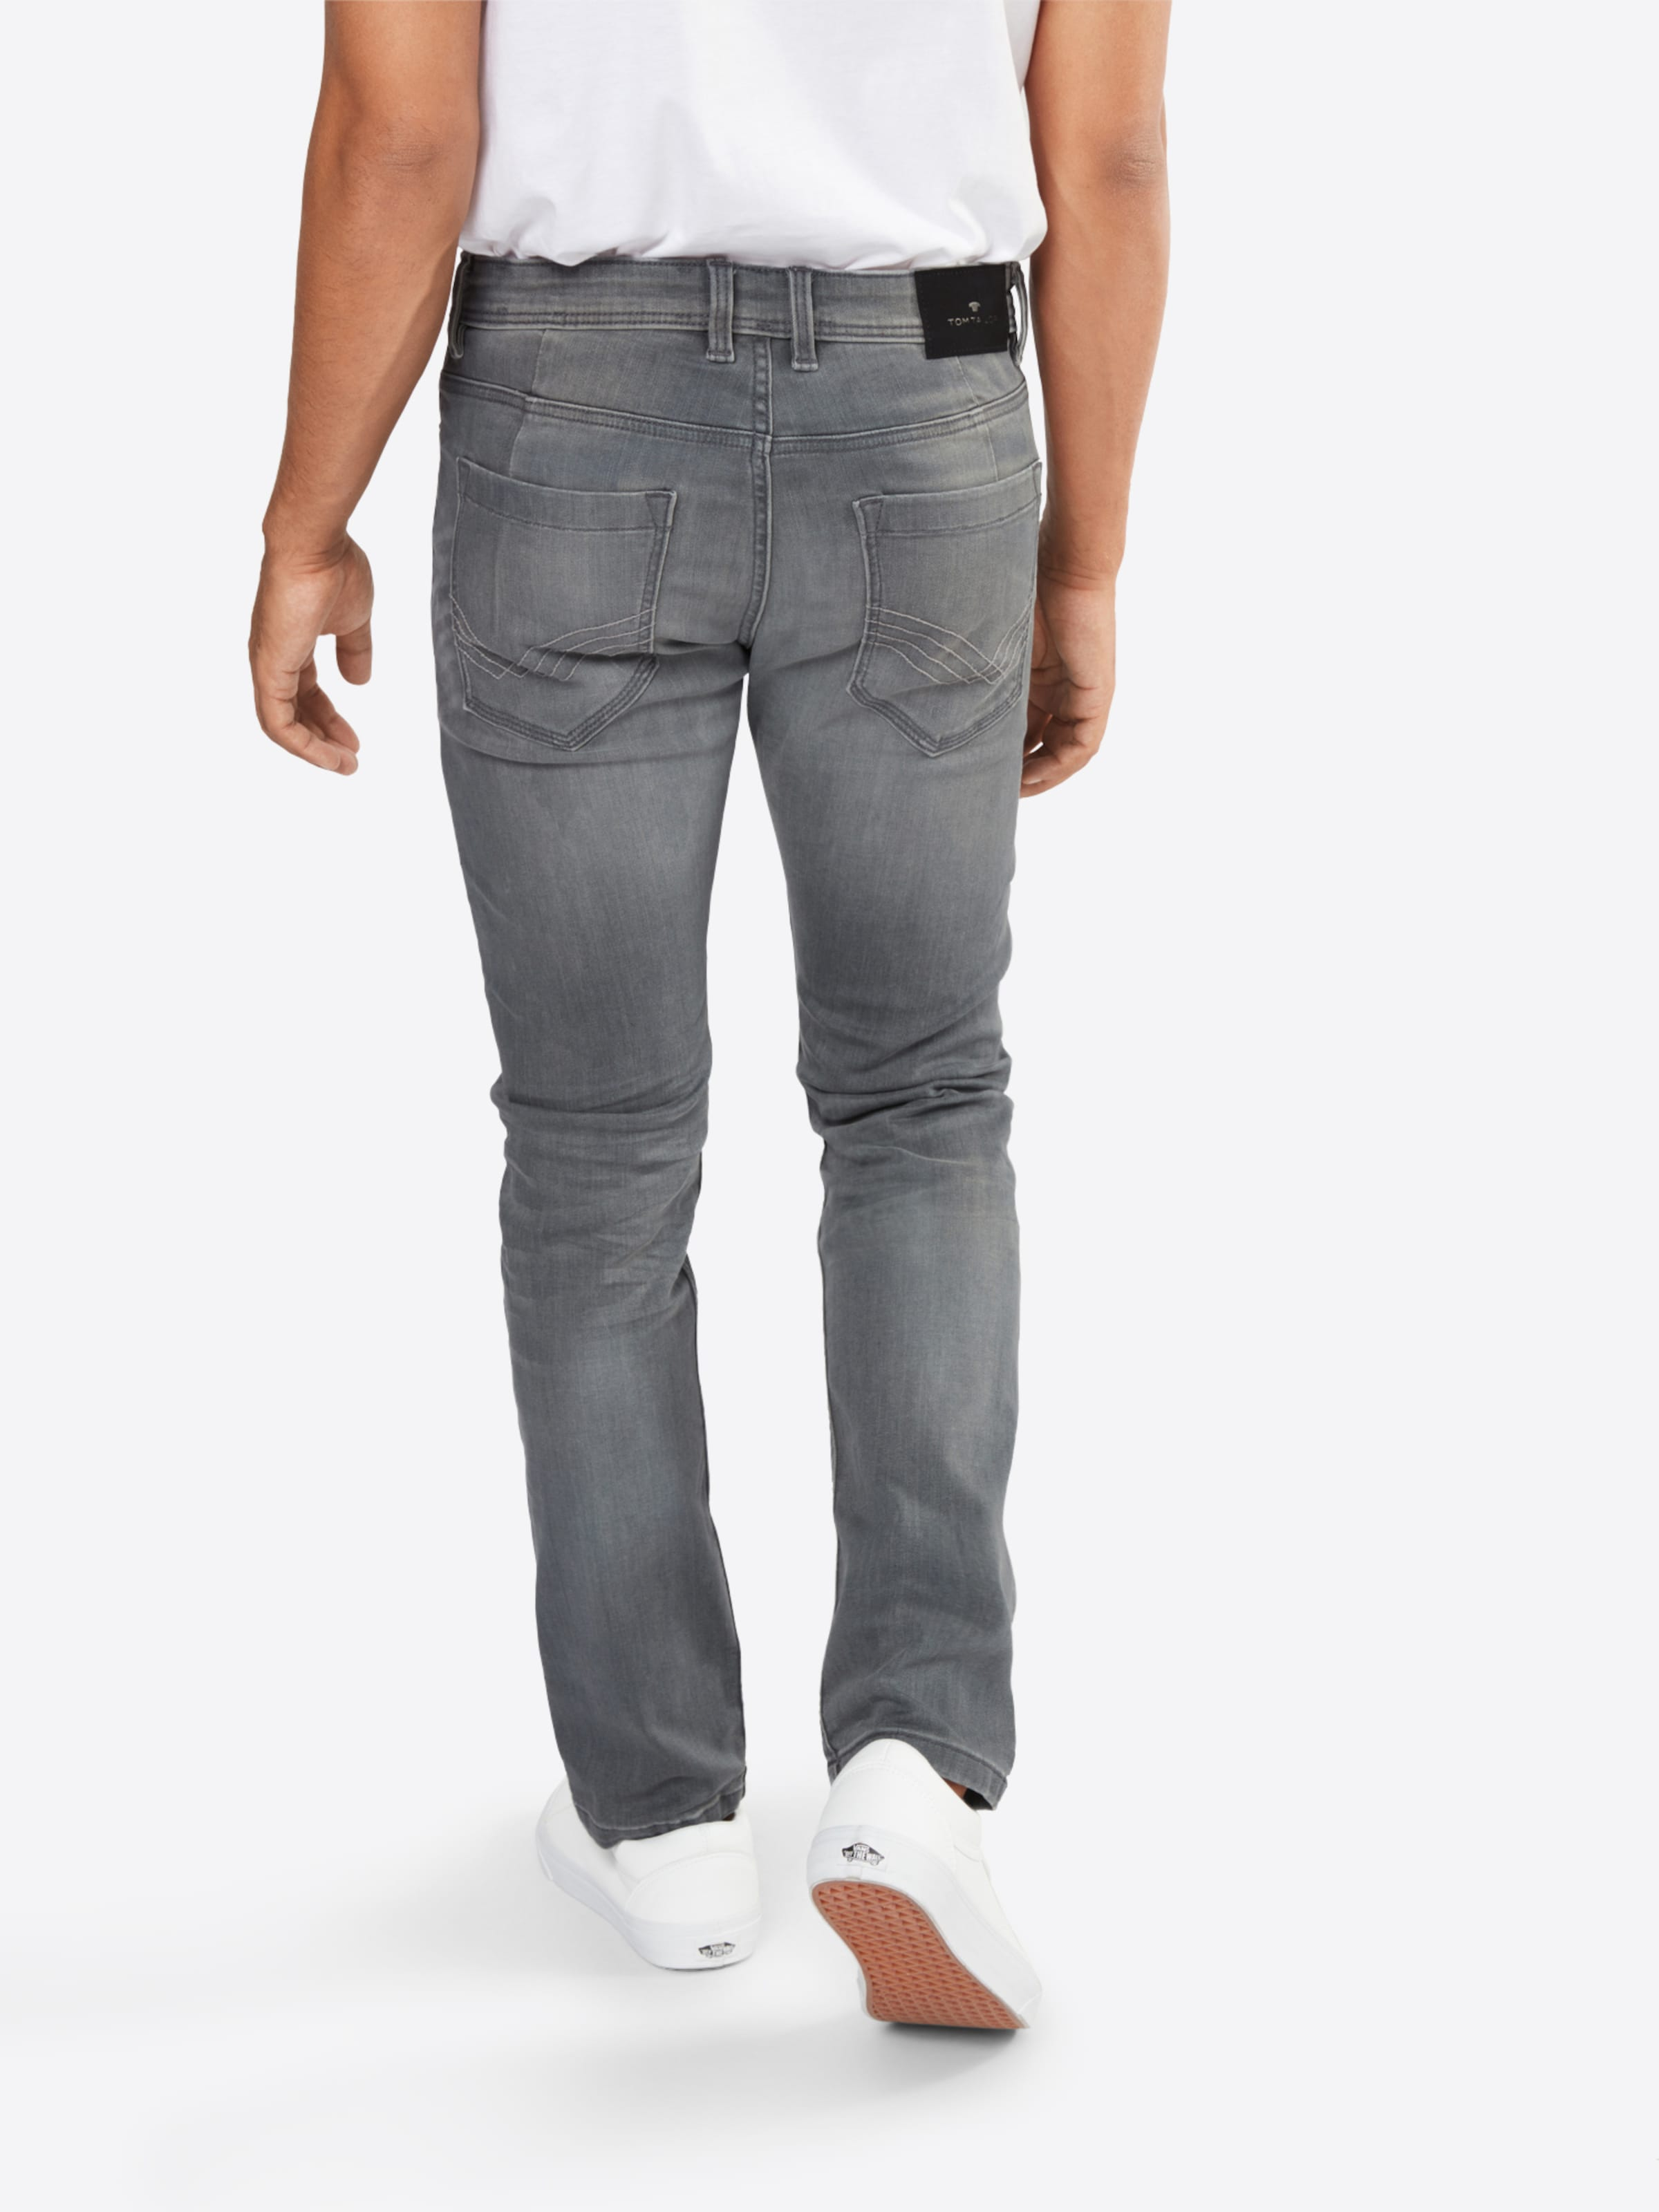 TOM TAILOR Jeans Heißen Verkauf Online Günstig Kaufen Spielraum Zuverlässige Online Z4K9iOQVN